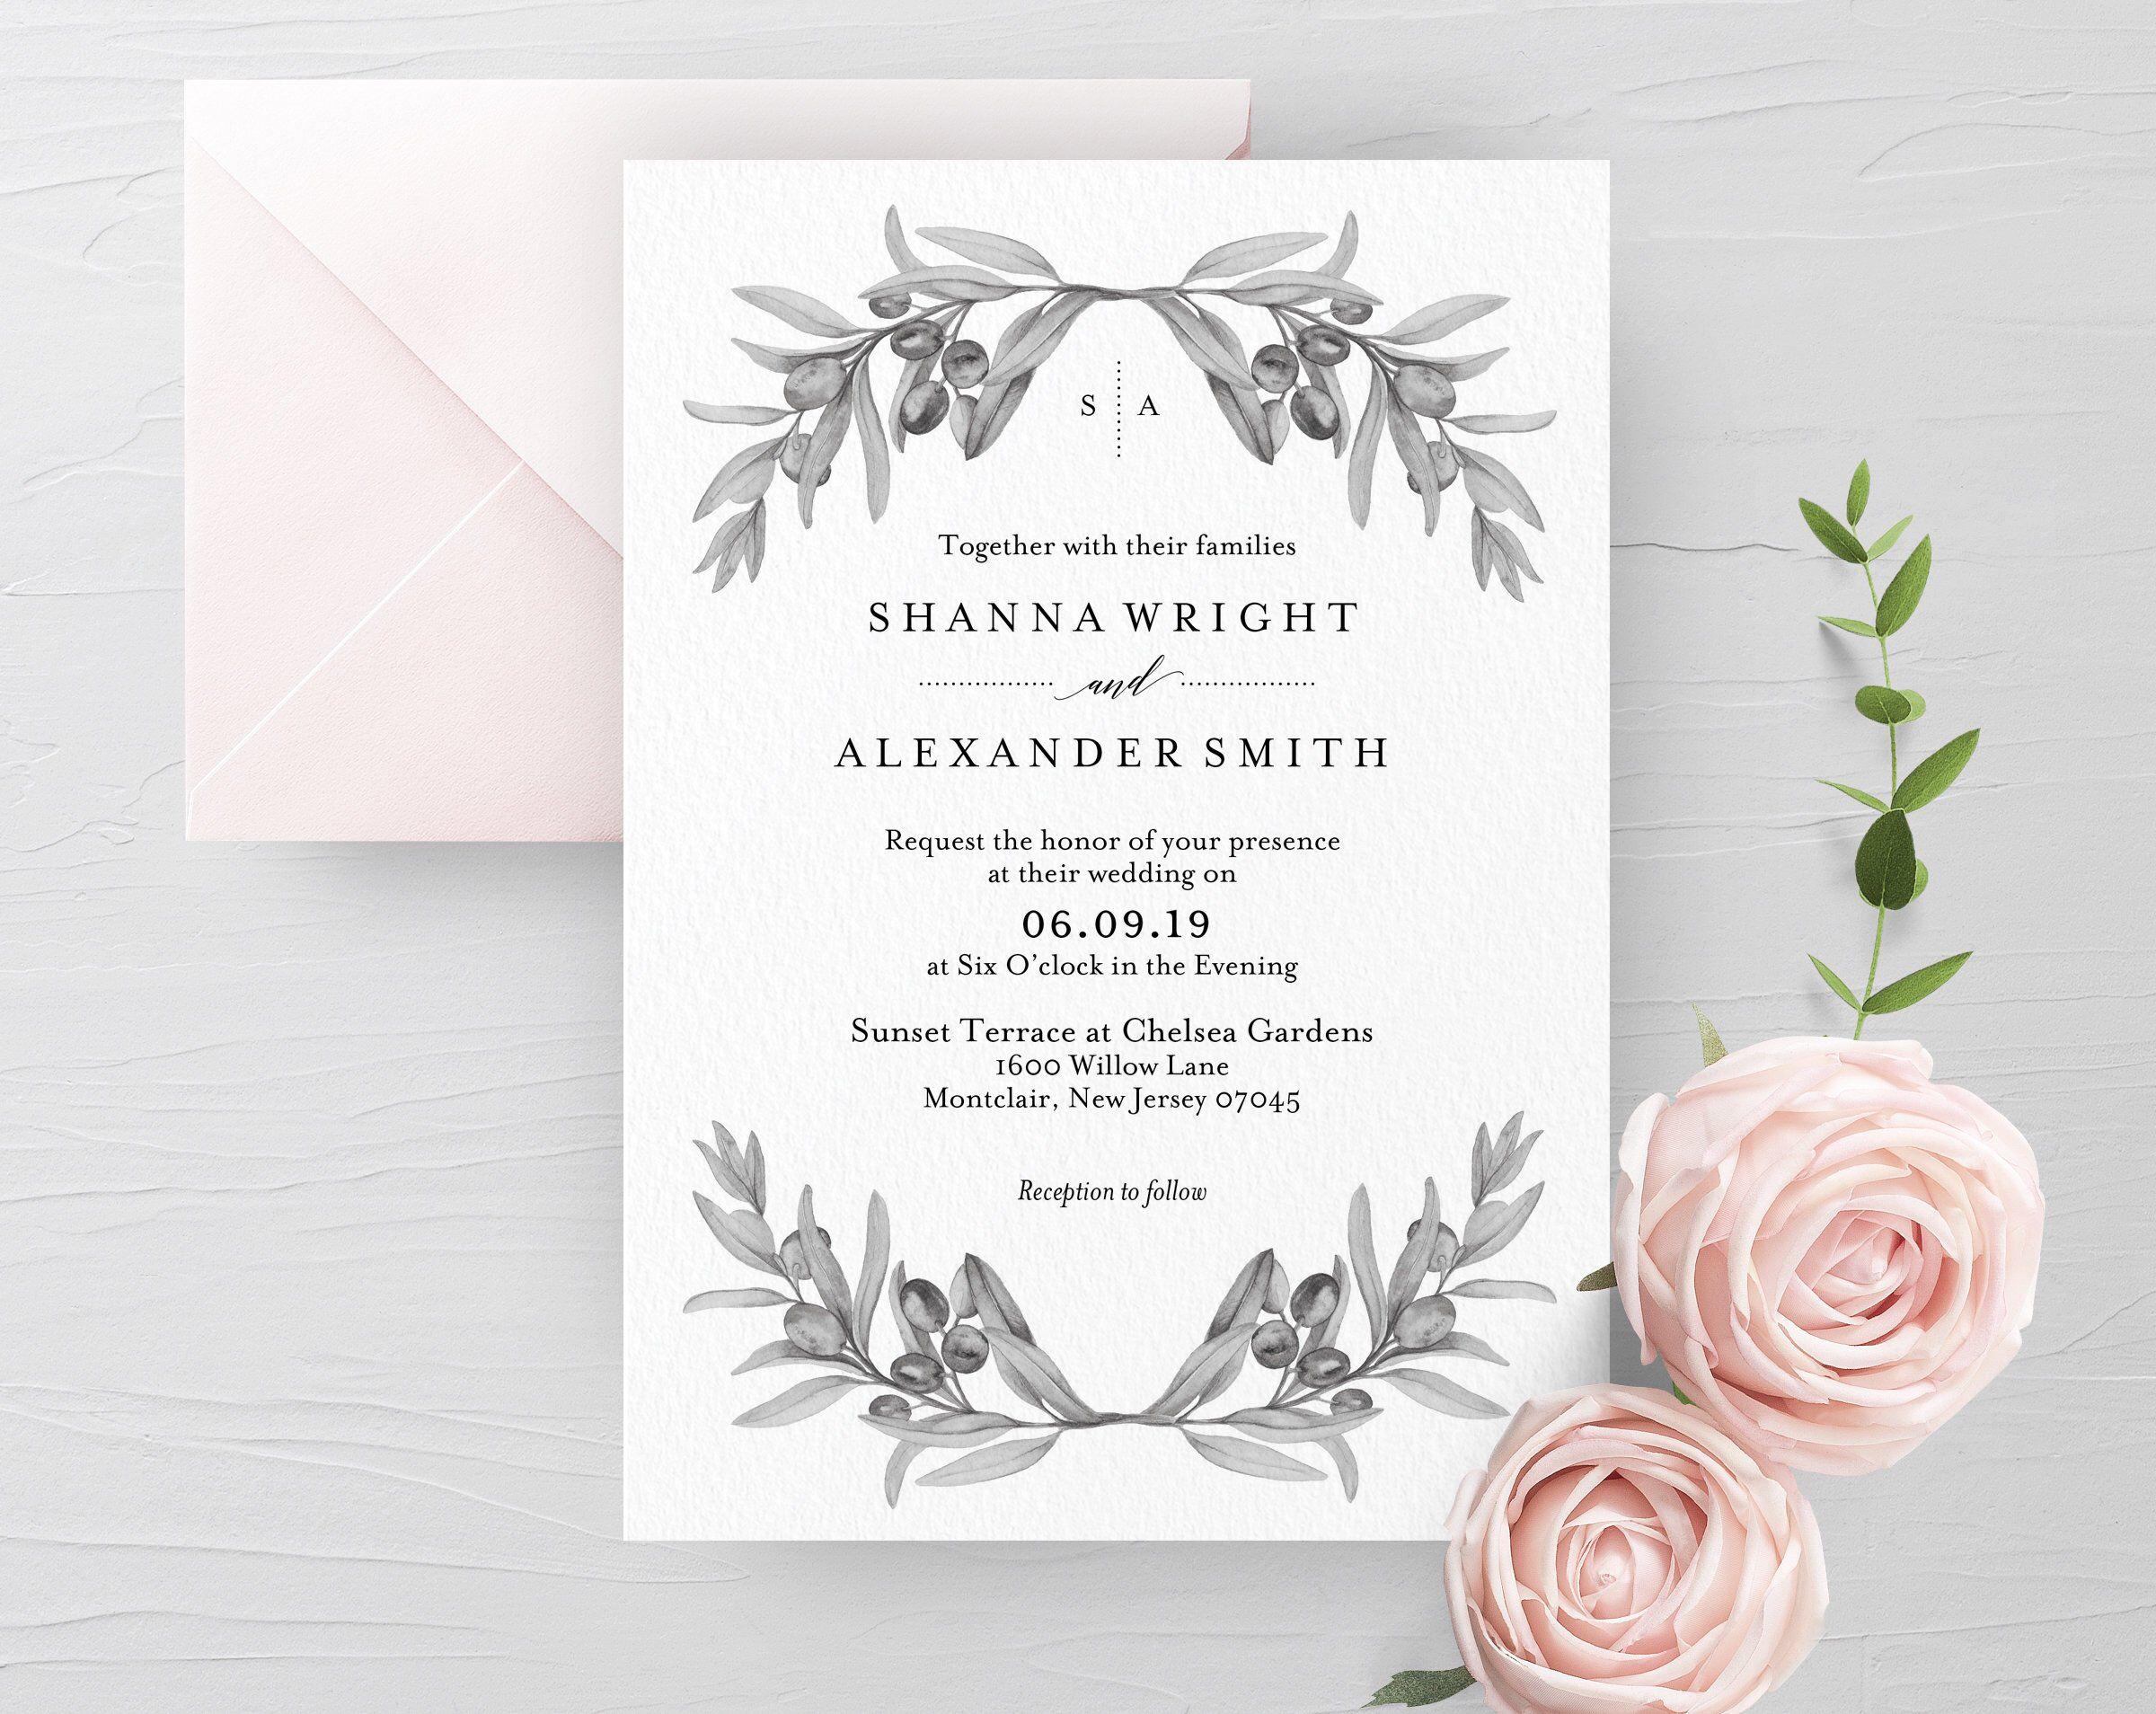 Black White Olive Leaf Wedding Invitation Template Printable Invite: Olive Leaf Wedding Invitation At Websimilar.org